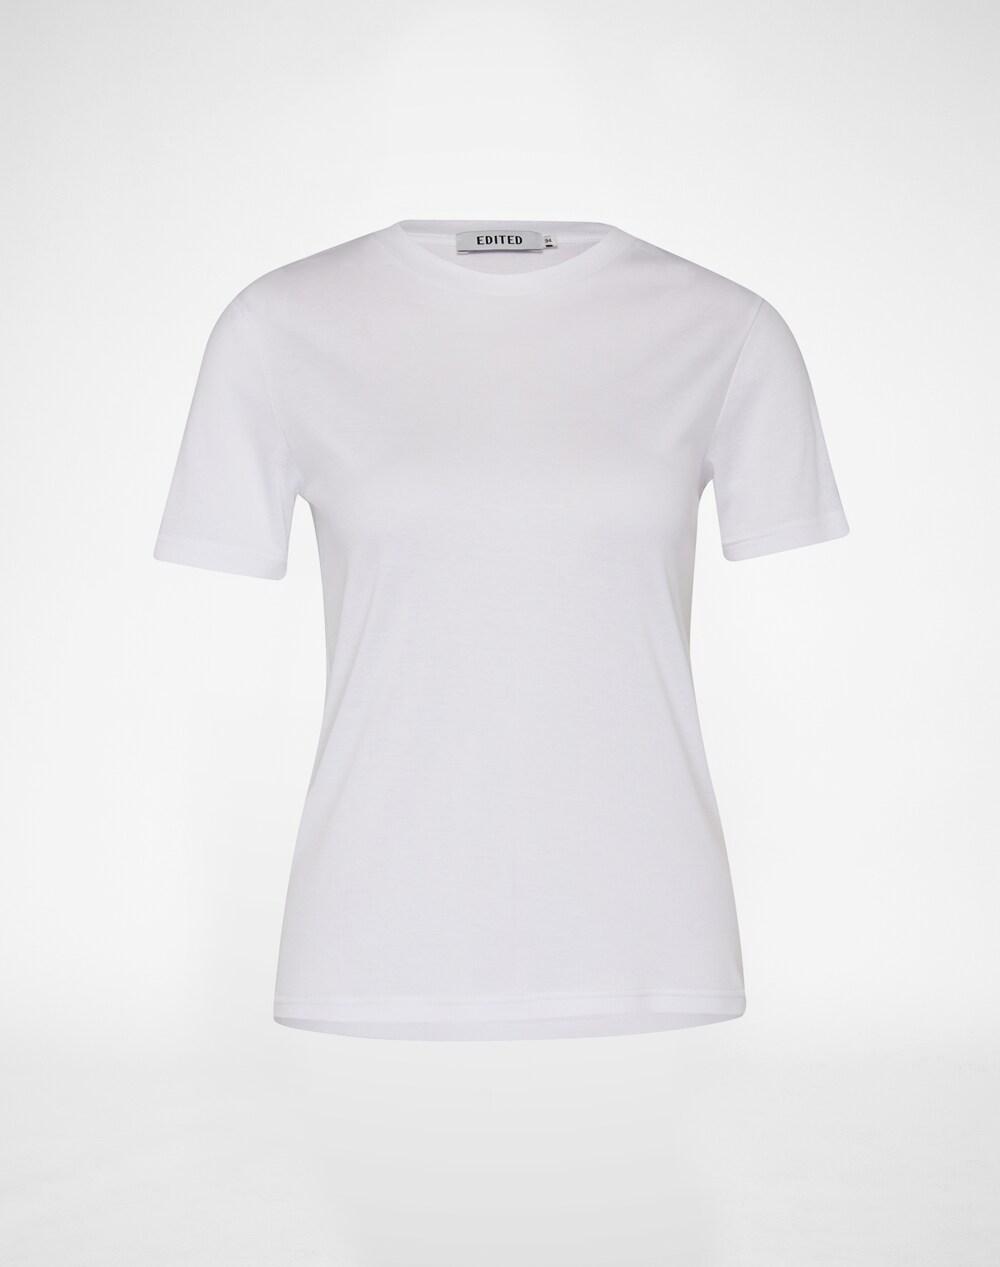 Artikel klicken und genauer betrachten! - Cooles Shirt im unifarbenen Design von EDITED the label. Der Baumwoll-Modalmix und die Elastizität sorgen für einen angenehmen Tragekomfort und die lässige Passform. Perfektes Basic für Casual Looks. | im Online Shop kaufen